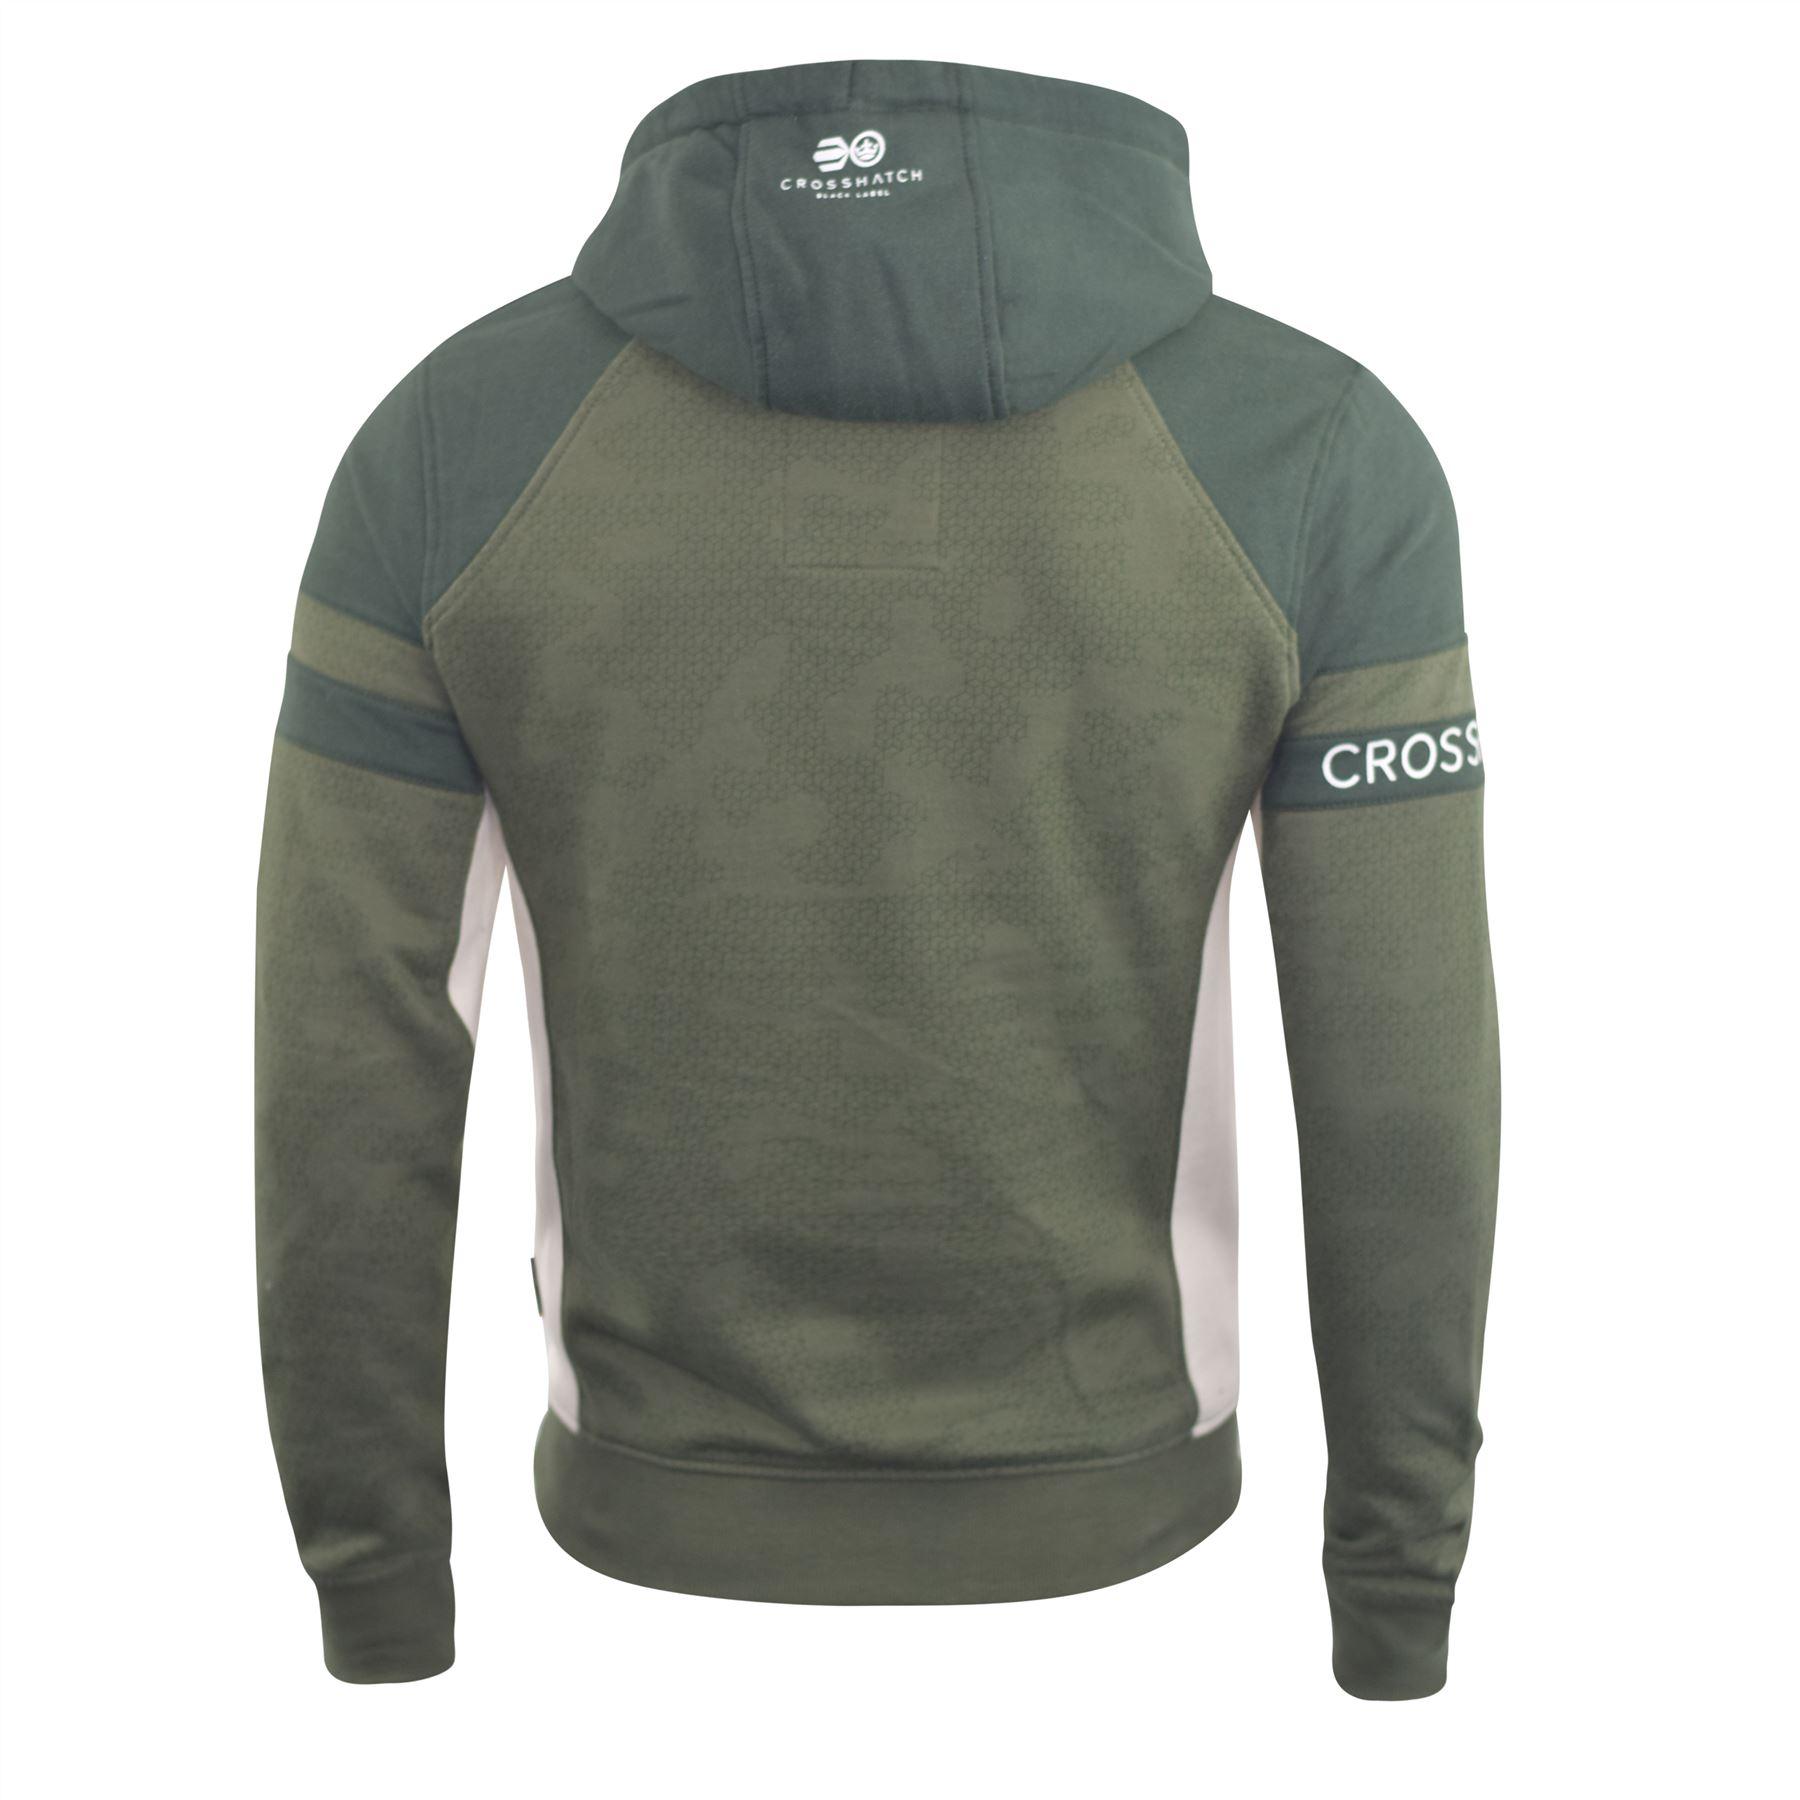 Mens-Hoodie-Crosshatch-Sweatshirt-Hooded-Jumper-Top-Pullover-Kirknewton thumbnail 7